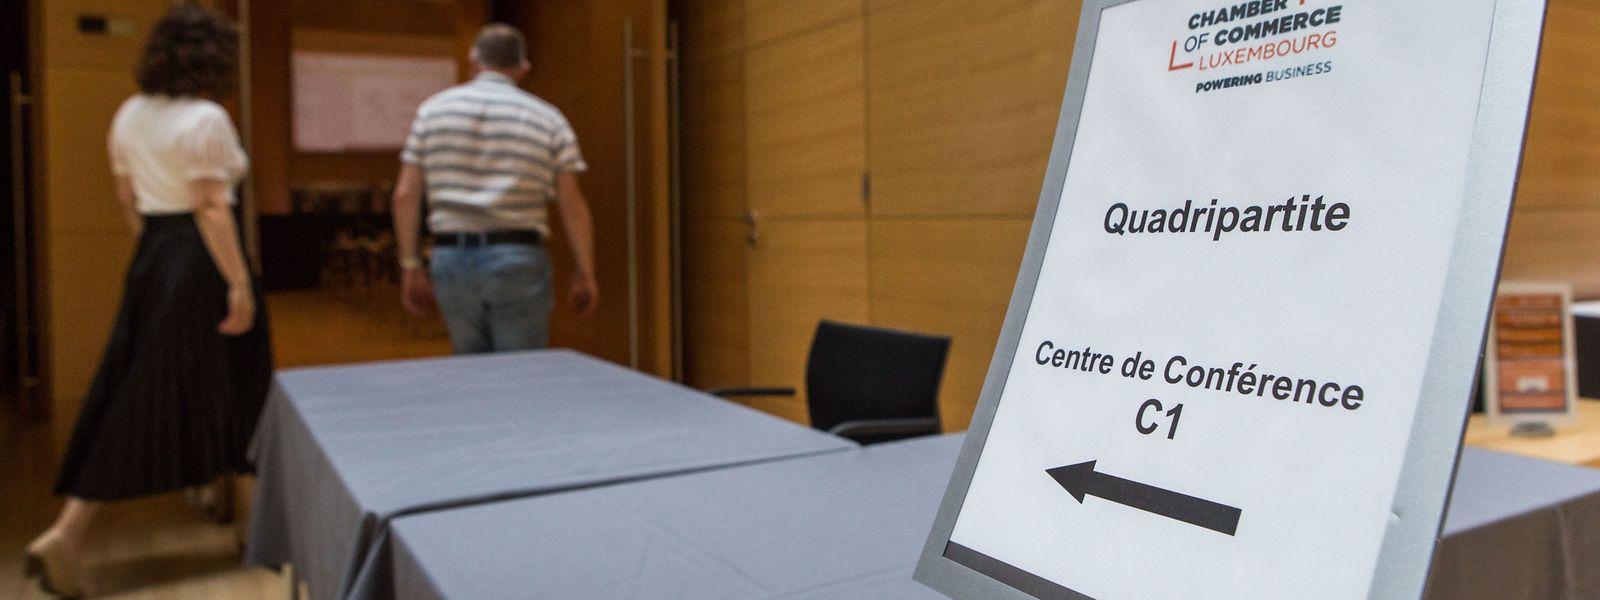 Bei der Quadripartite standen die Auswirkungen der Corona-Pandemie auf die Gesundheitskasse im Mittelpunkt.